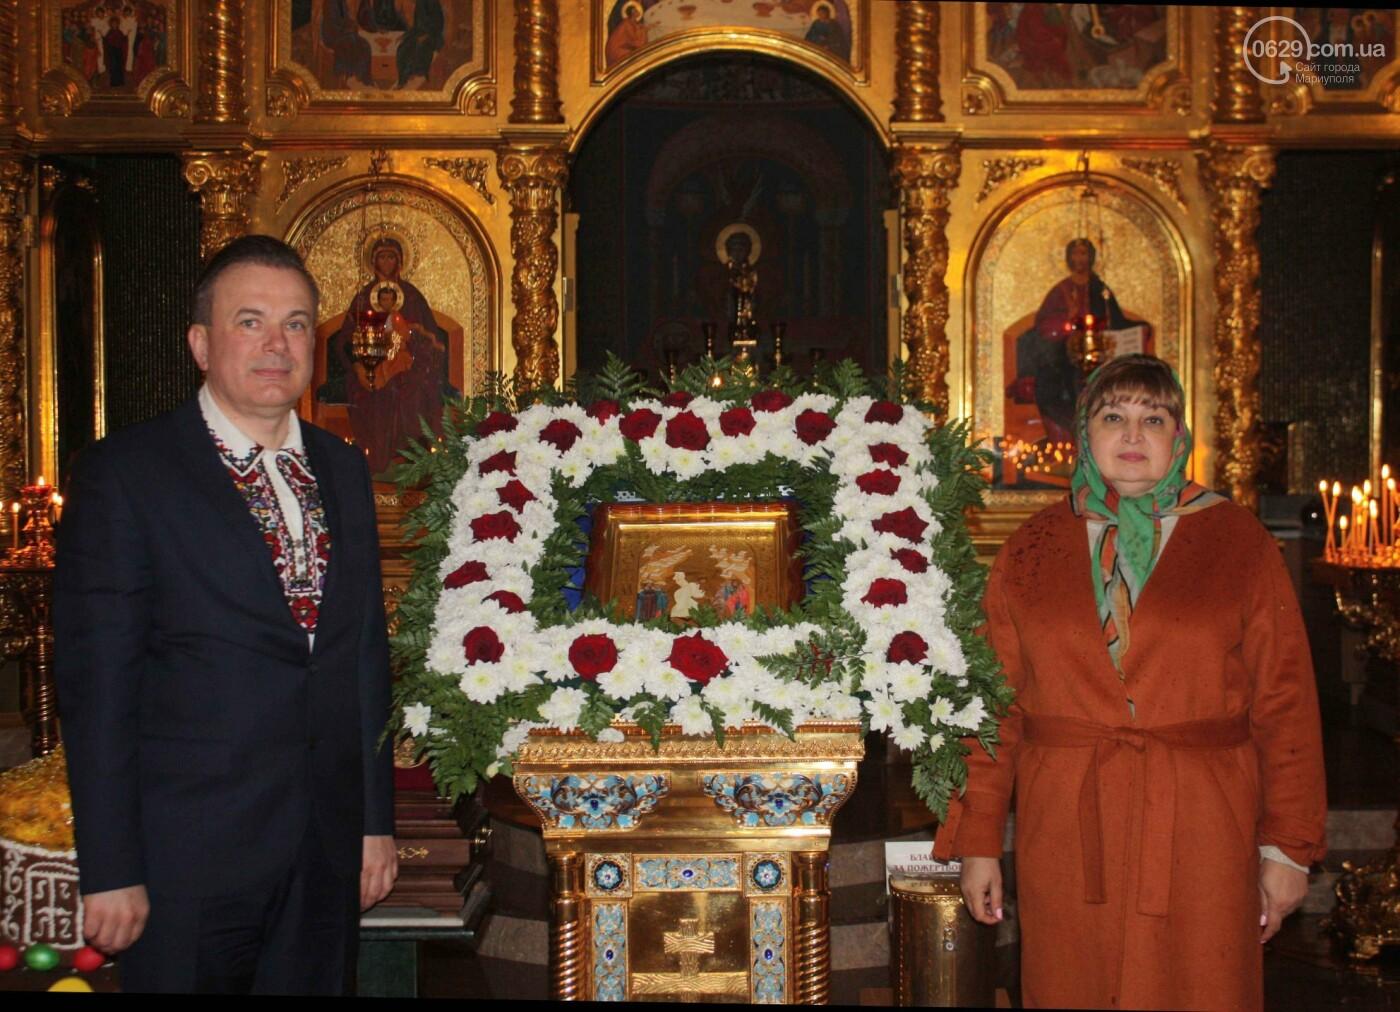 27 апреля Благодатный огонь из Иерусалима доставят в Свято-Покровский храм с.Боевое. Приглашаем на Пасхальное торжество, фото-20